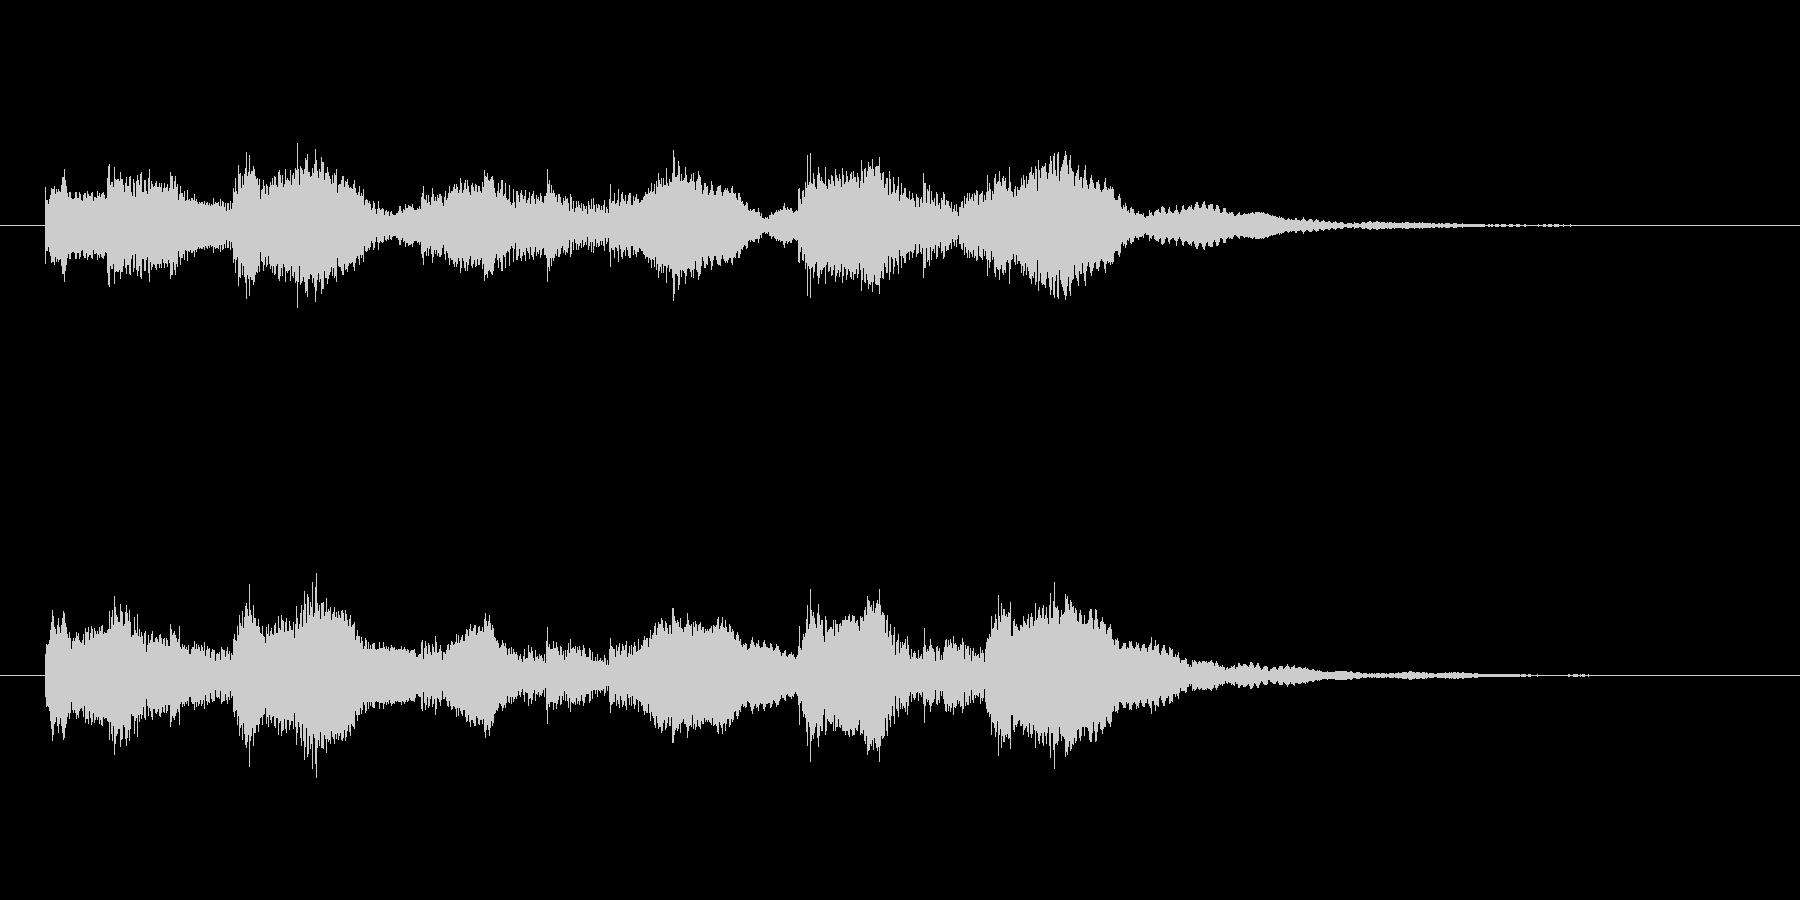 ふんわりした空気感のある音の未再生の波形